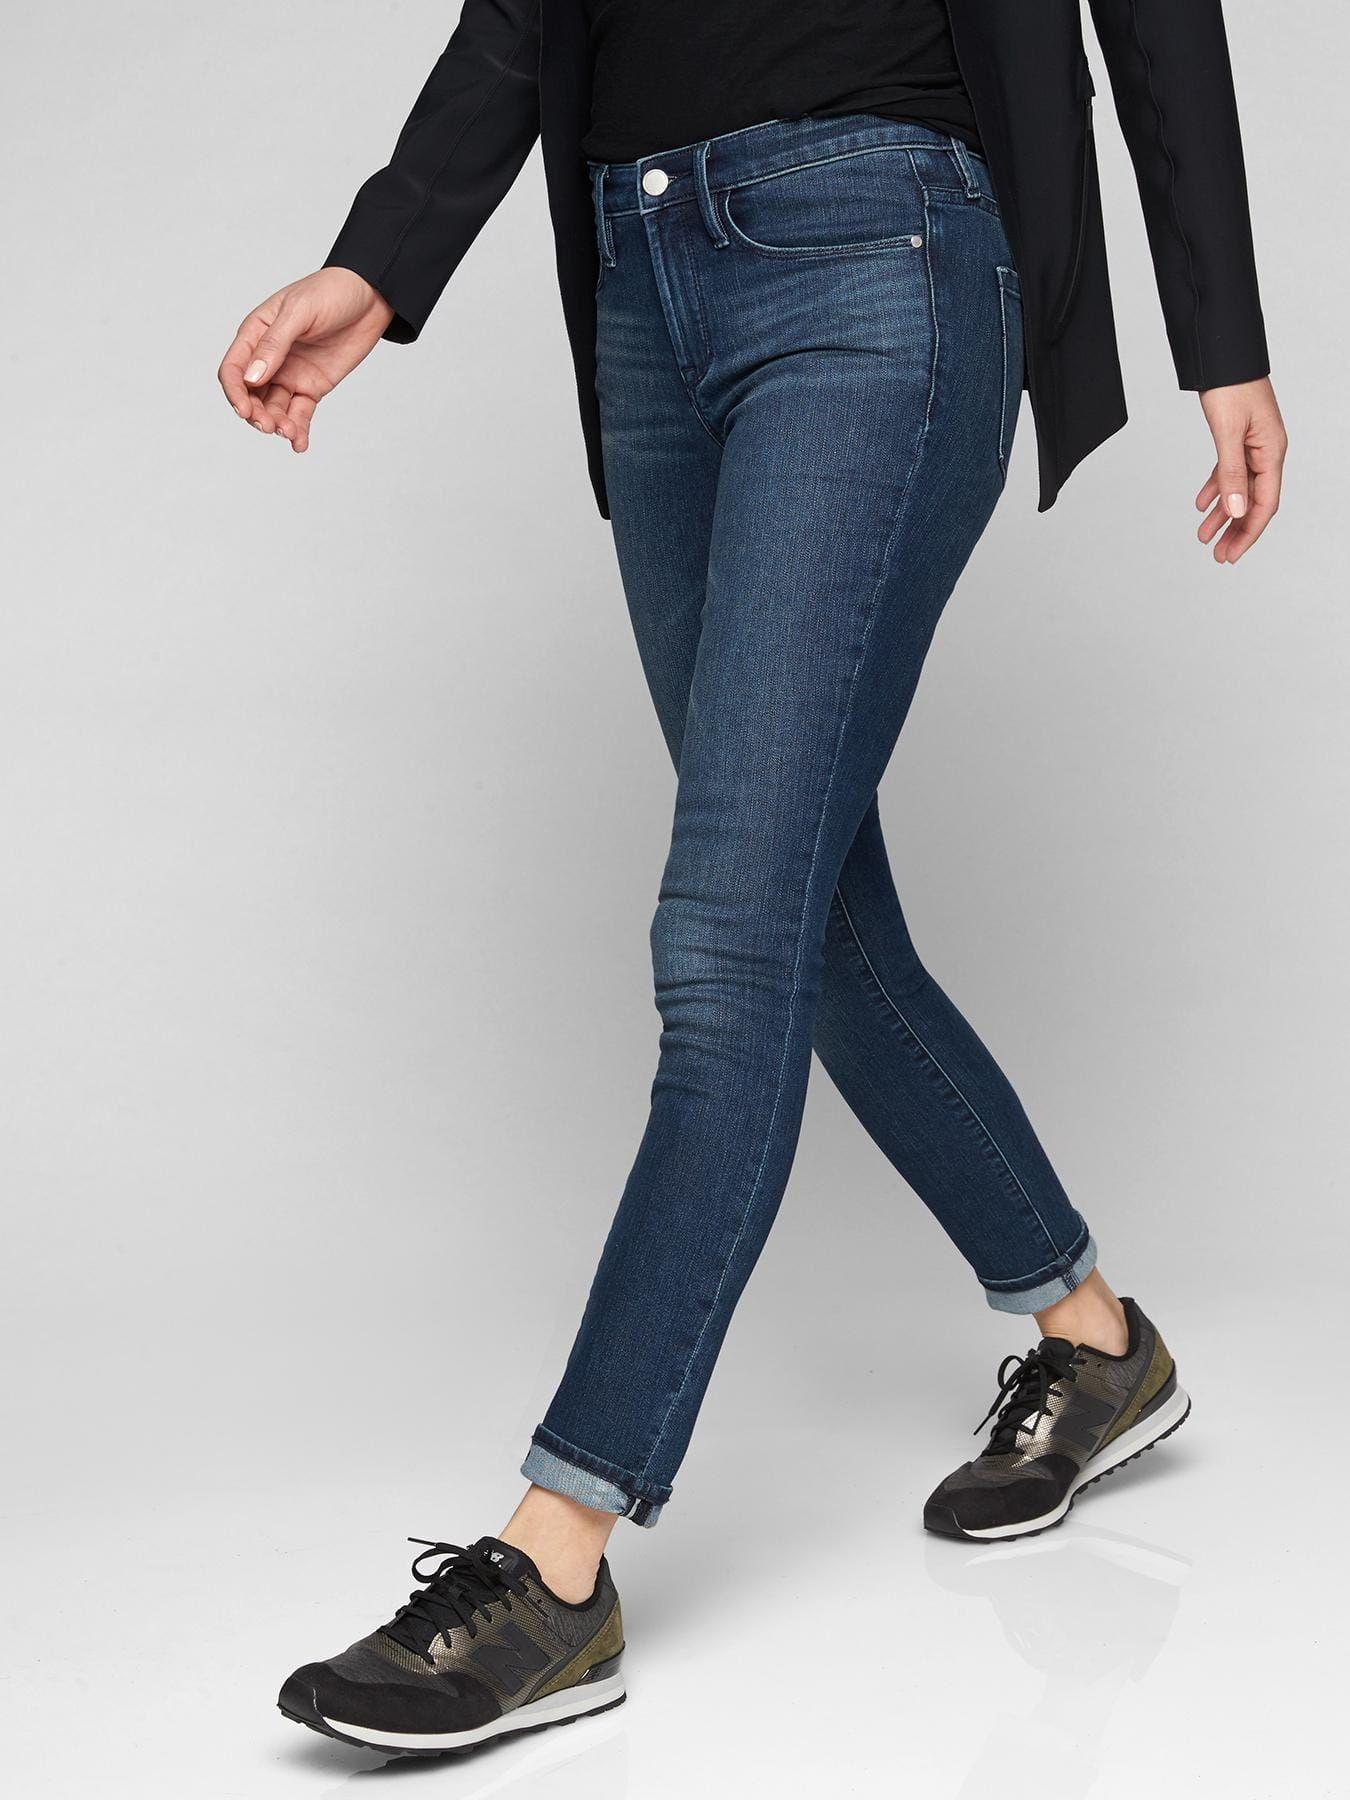 58f8cec84cf674 Sculptek Skinny Jean | Fall Wishlist | Jeans, Skinny ankle jeans ...